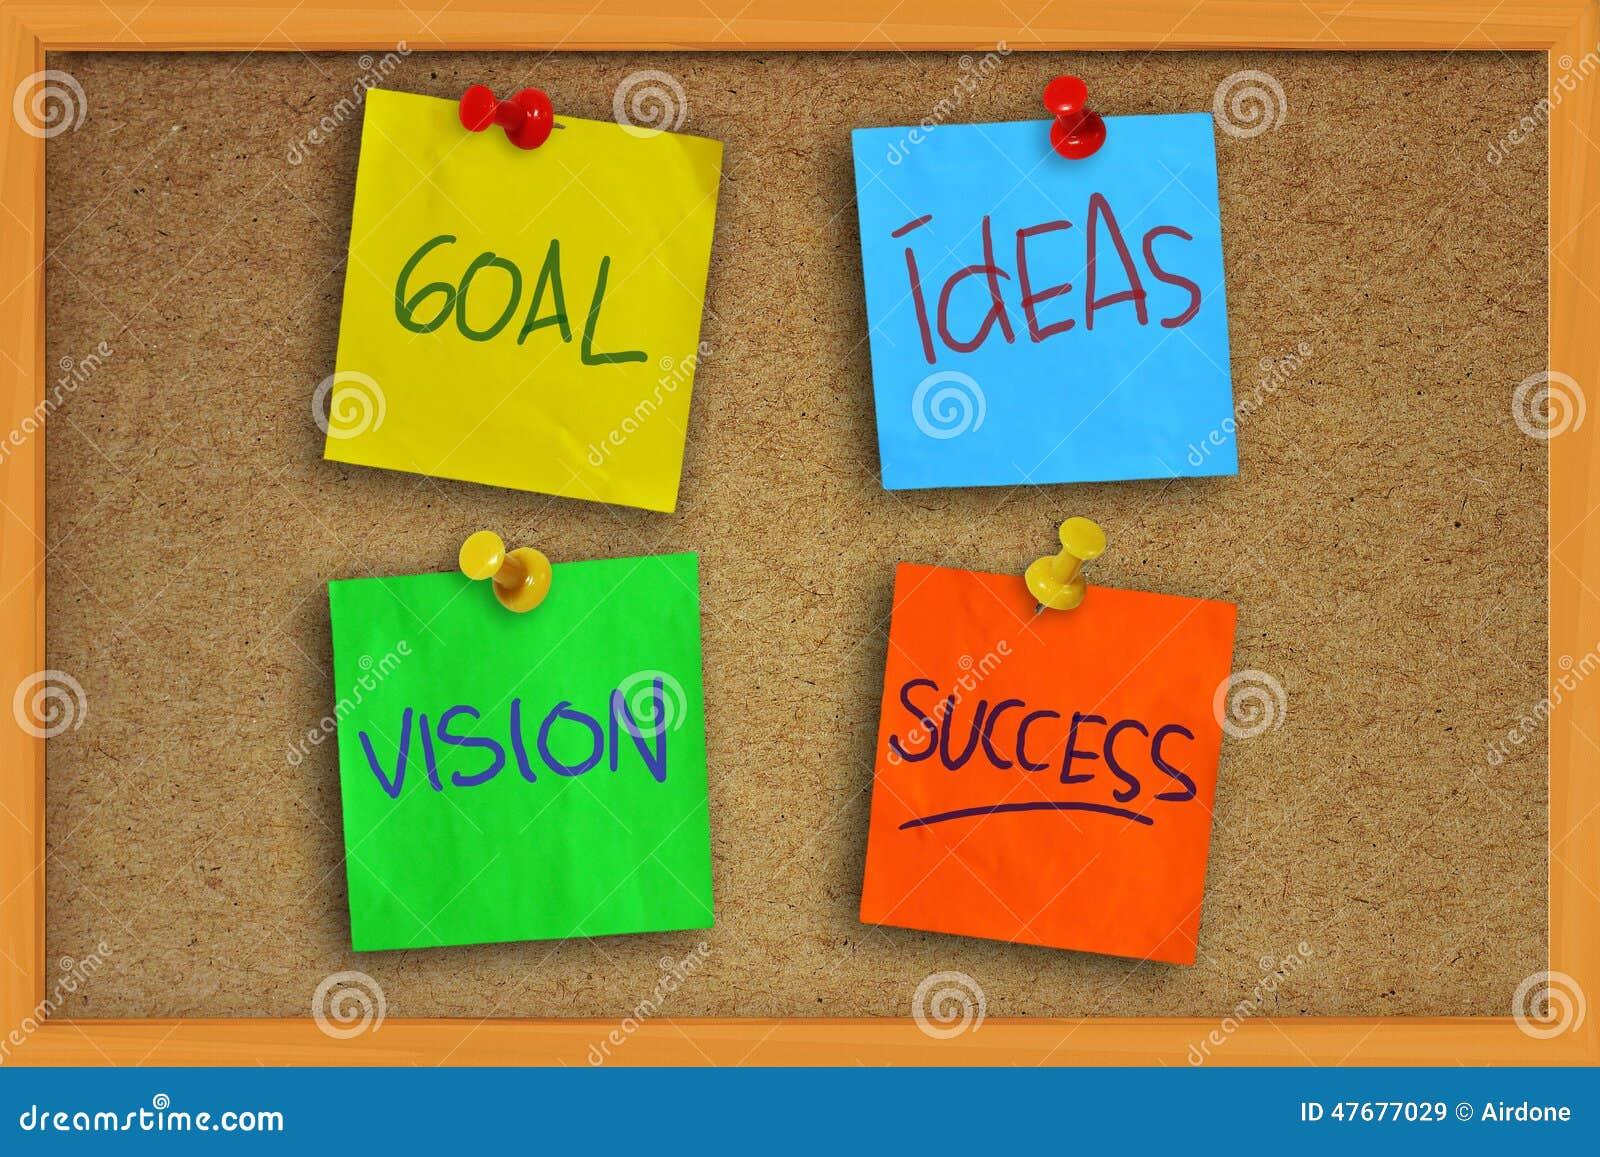 But, idées, vision et succès